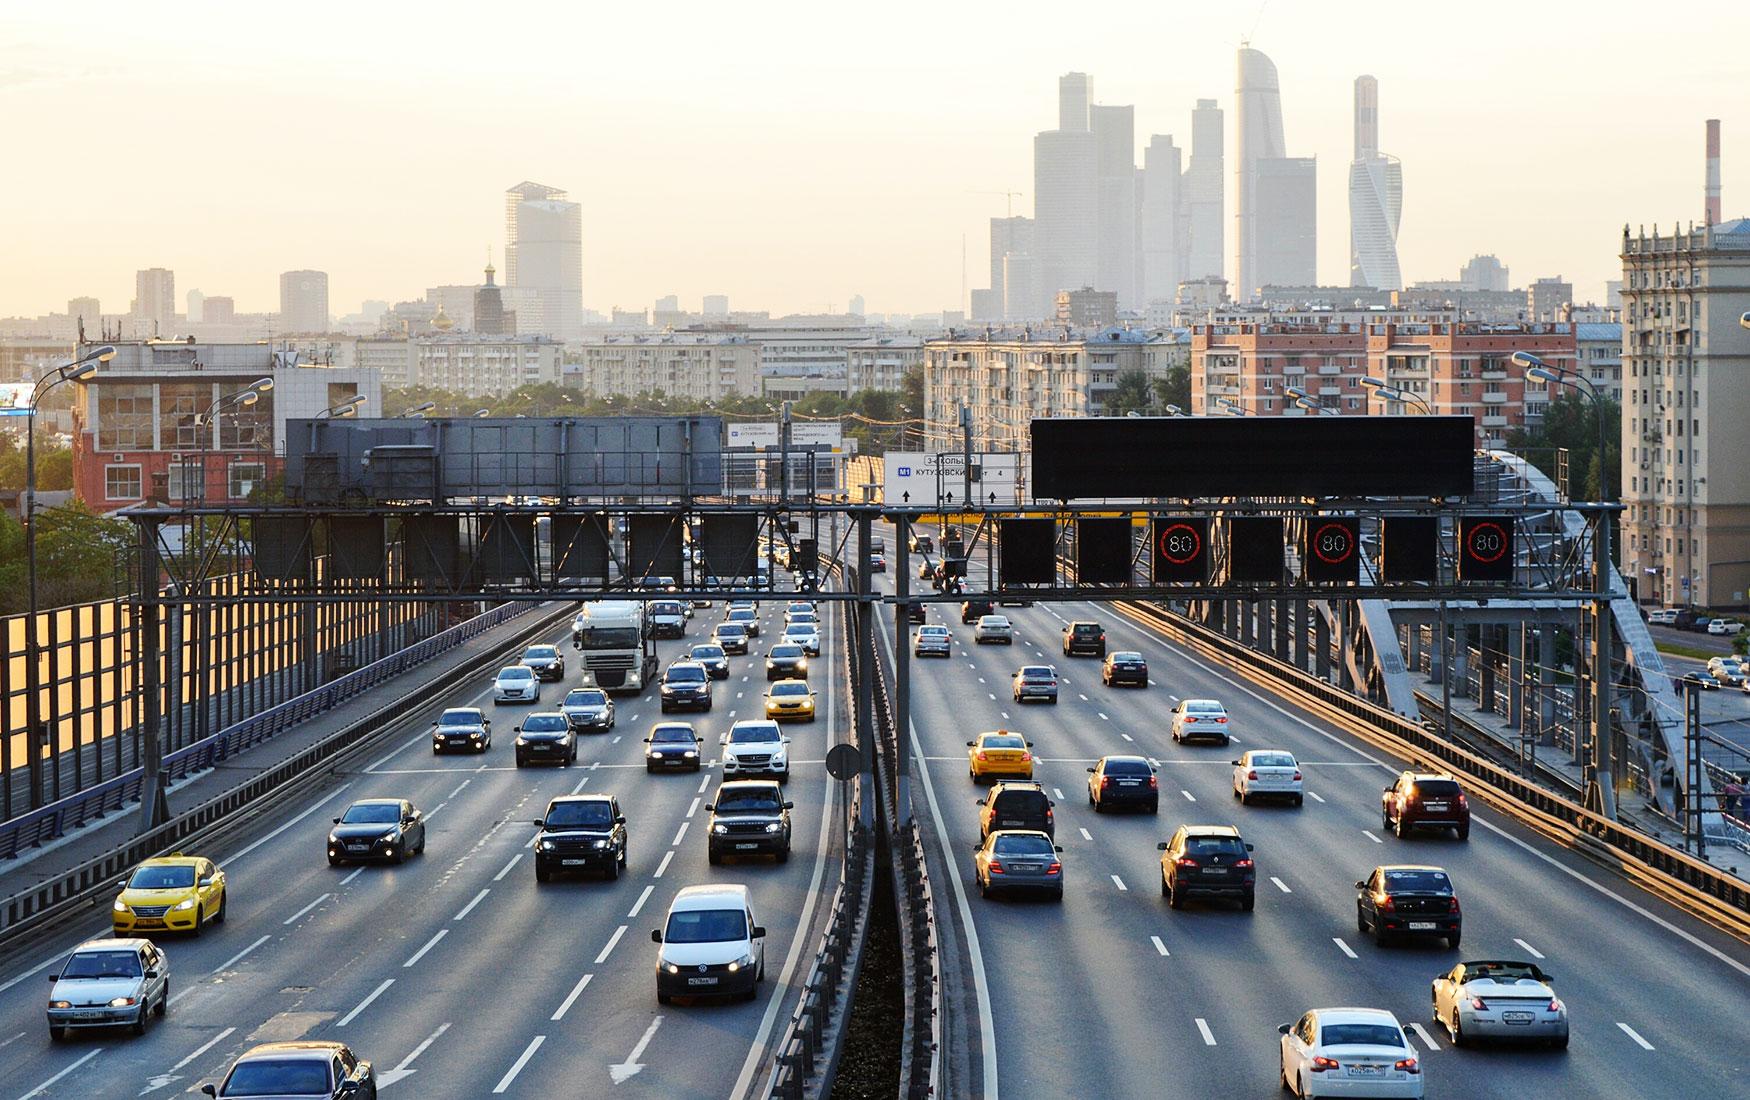 Развитие без комплексов: какими будут города через 10 лет